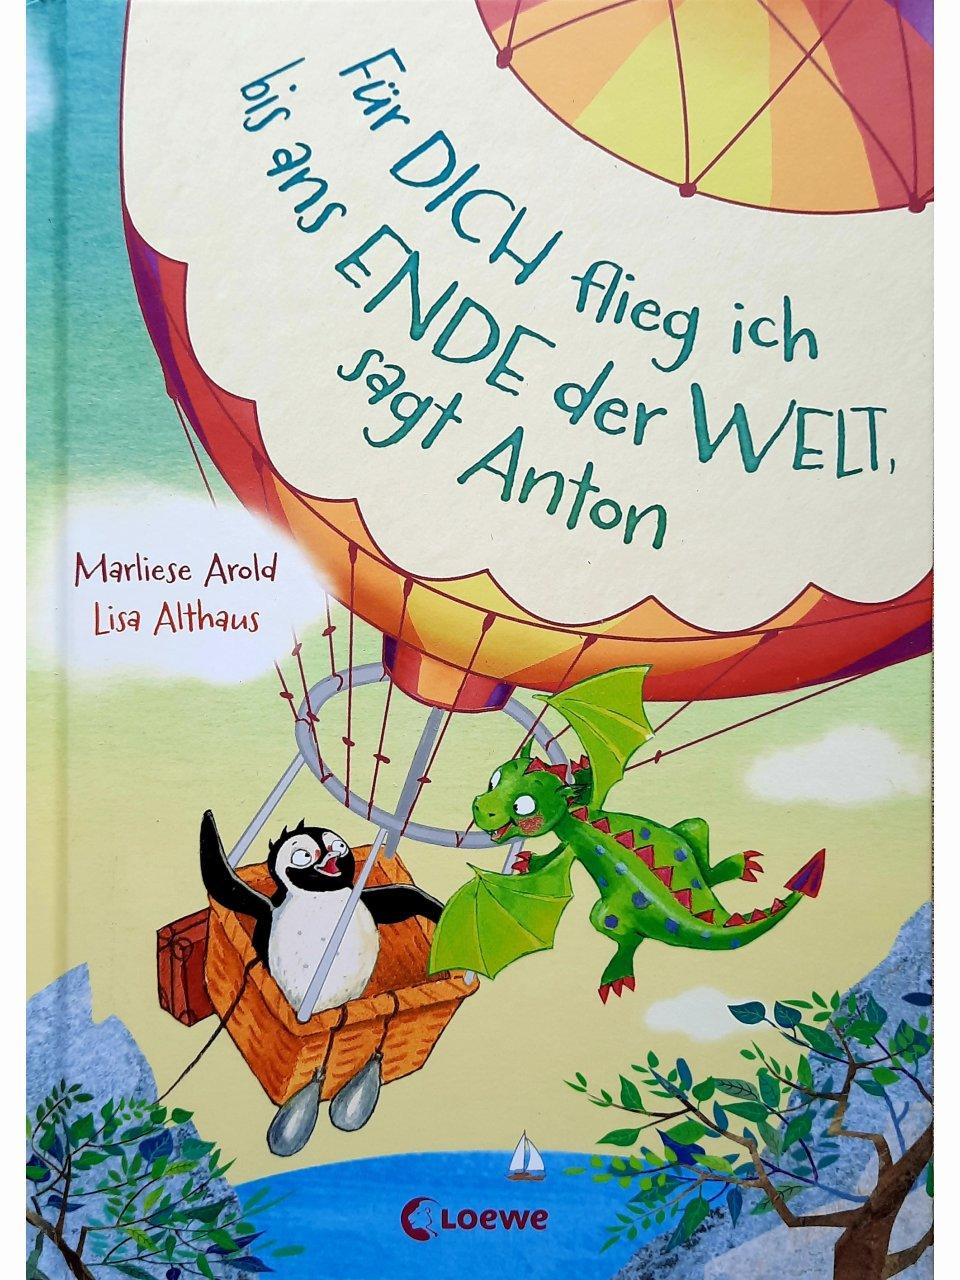 Für dich flieg ich bis ans Ende der Welt, sagt Anton - Bd 1